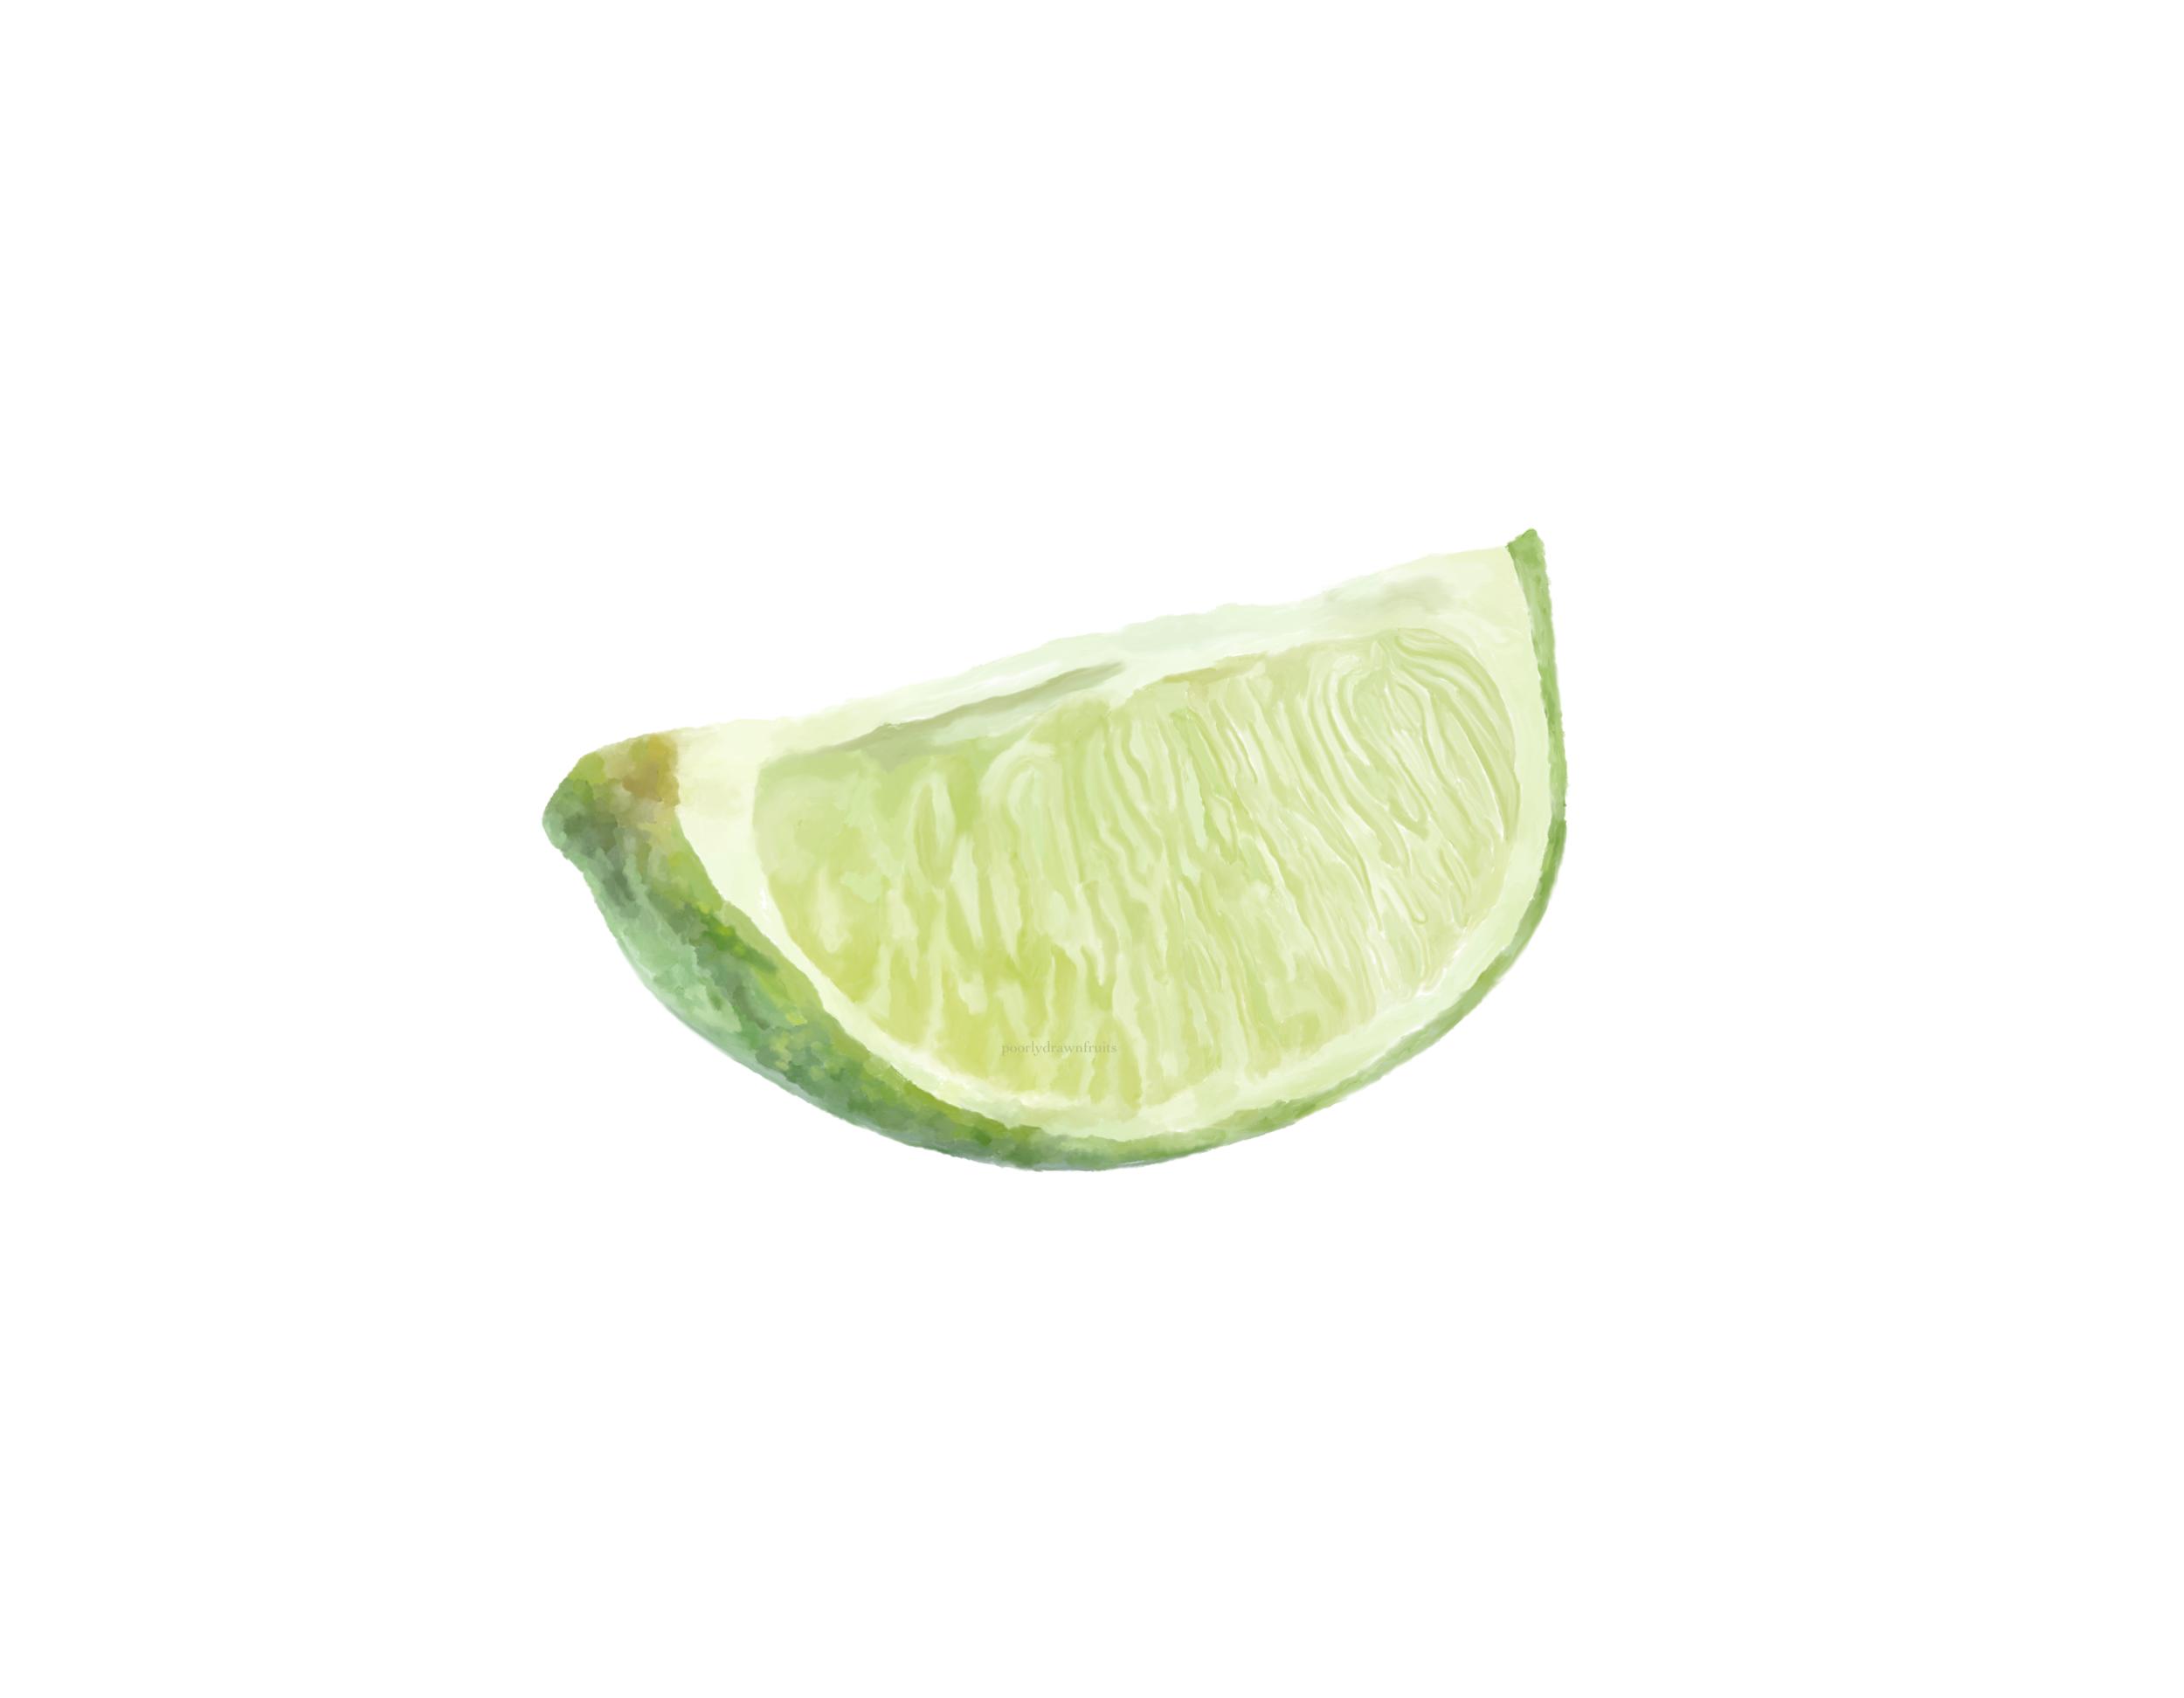 lime, limes, citrus, detail, realistic